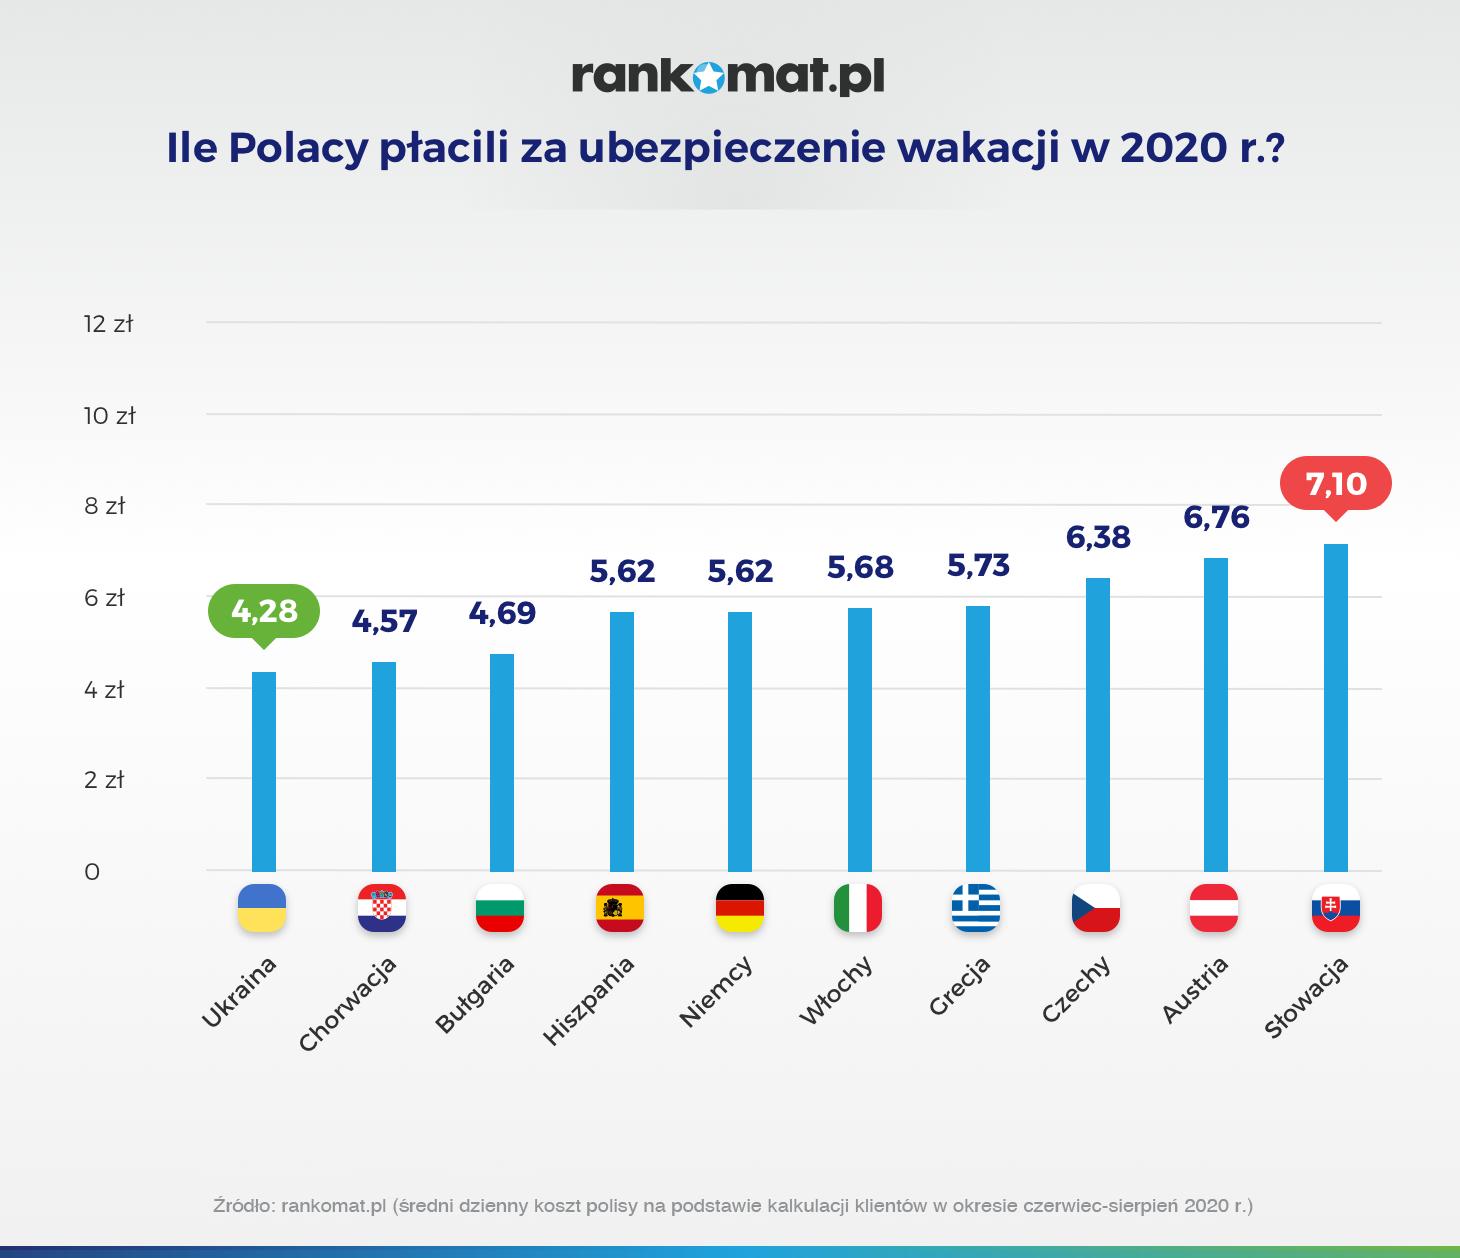 Ile Polacy płacili za ubezpieczenie wakacji w 2020_v2